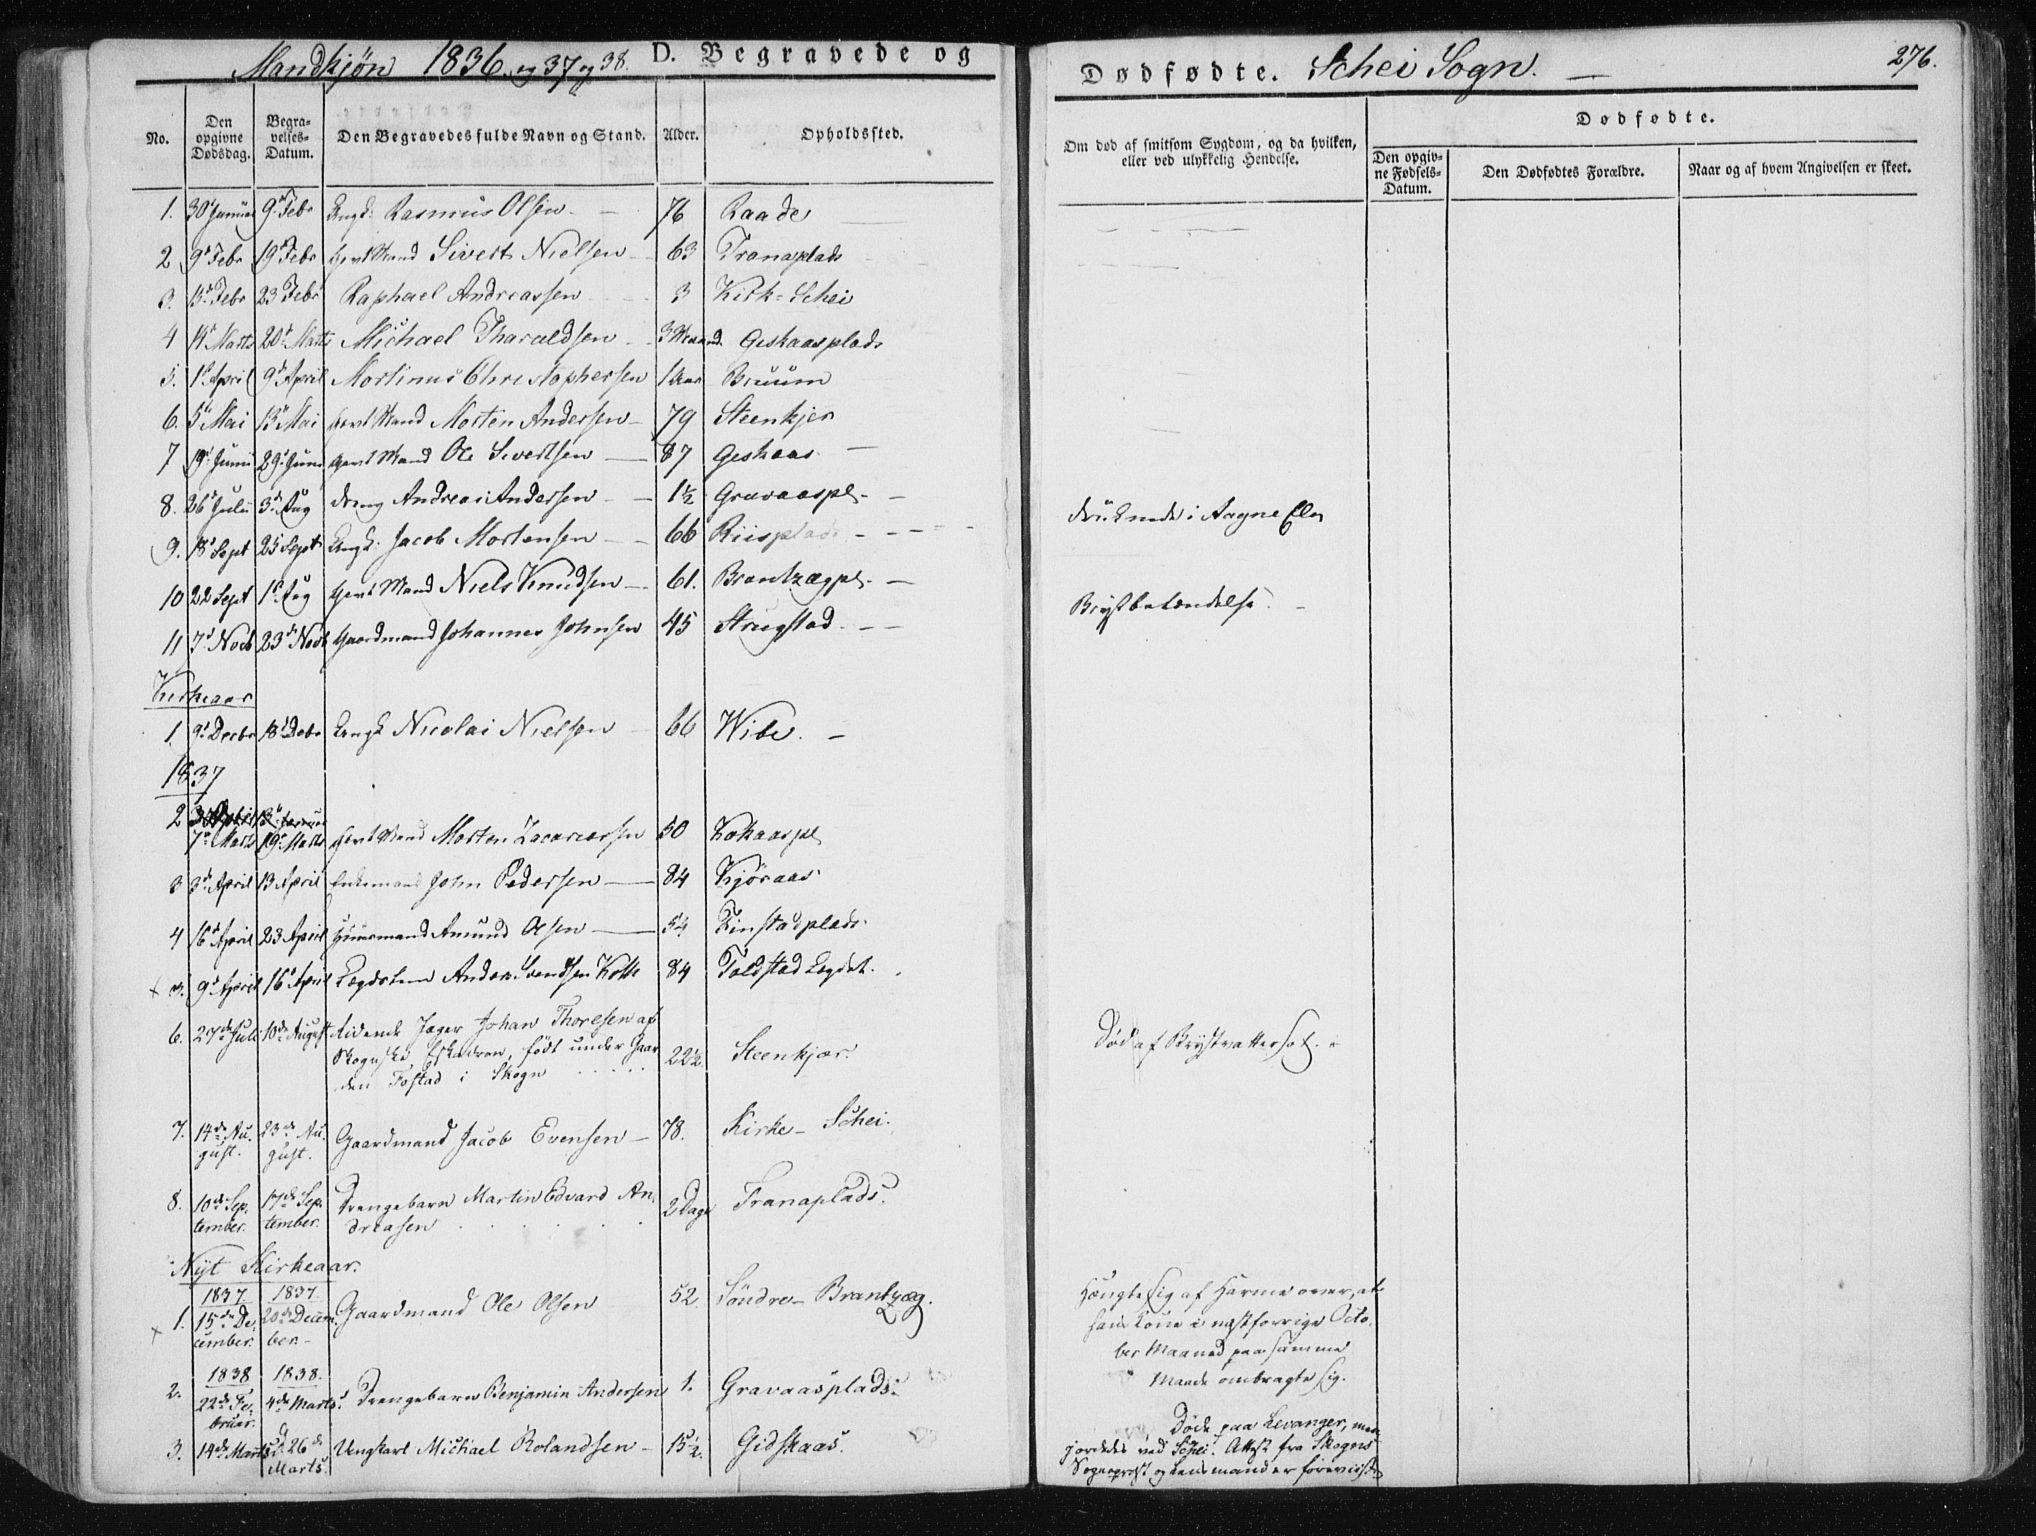 SAT, Ministerialprotokoller, klokkerbøker og fødselsregistre - Nord-Trøndelag, 735/L0339: Ministerialbok nr. 735A06 /2, 1836-1848, s. 276